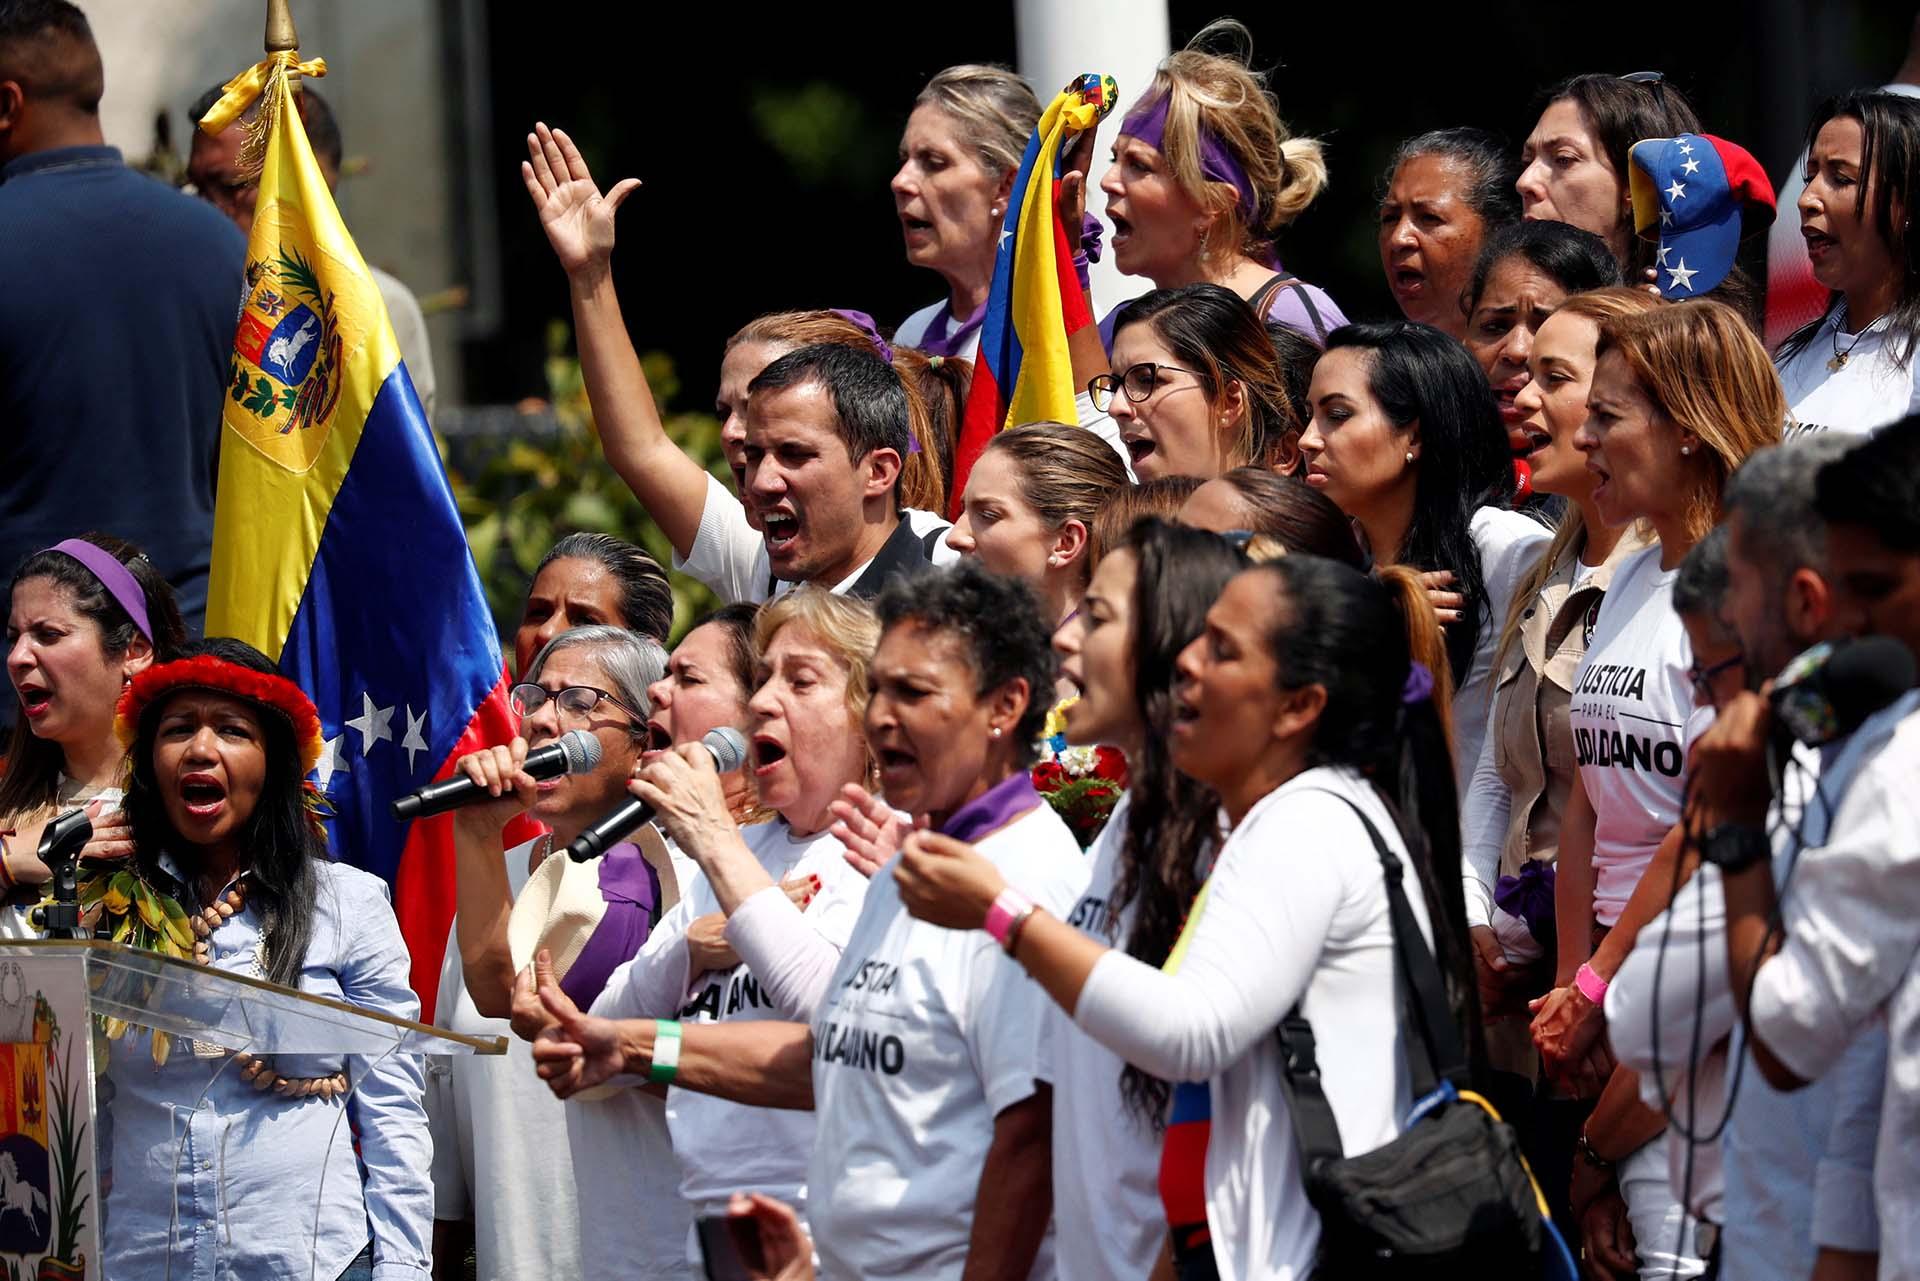 El líder venezolano Juan Guaidó, reconocido por más de cincuenta países, participó de la manifestación por el Día de la Mujeres en Caracas, Venezuela (March 8, 2019. REUTERS/Carlos Jasso)